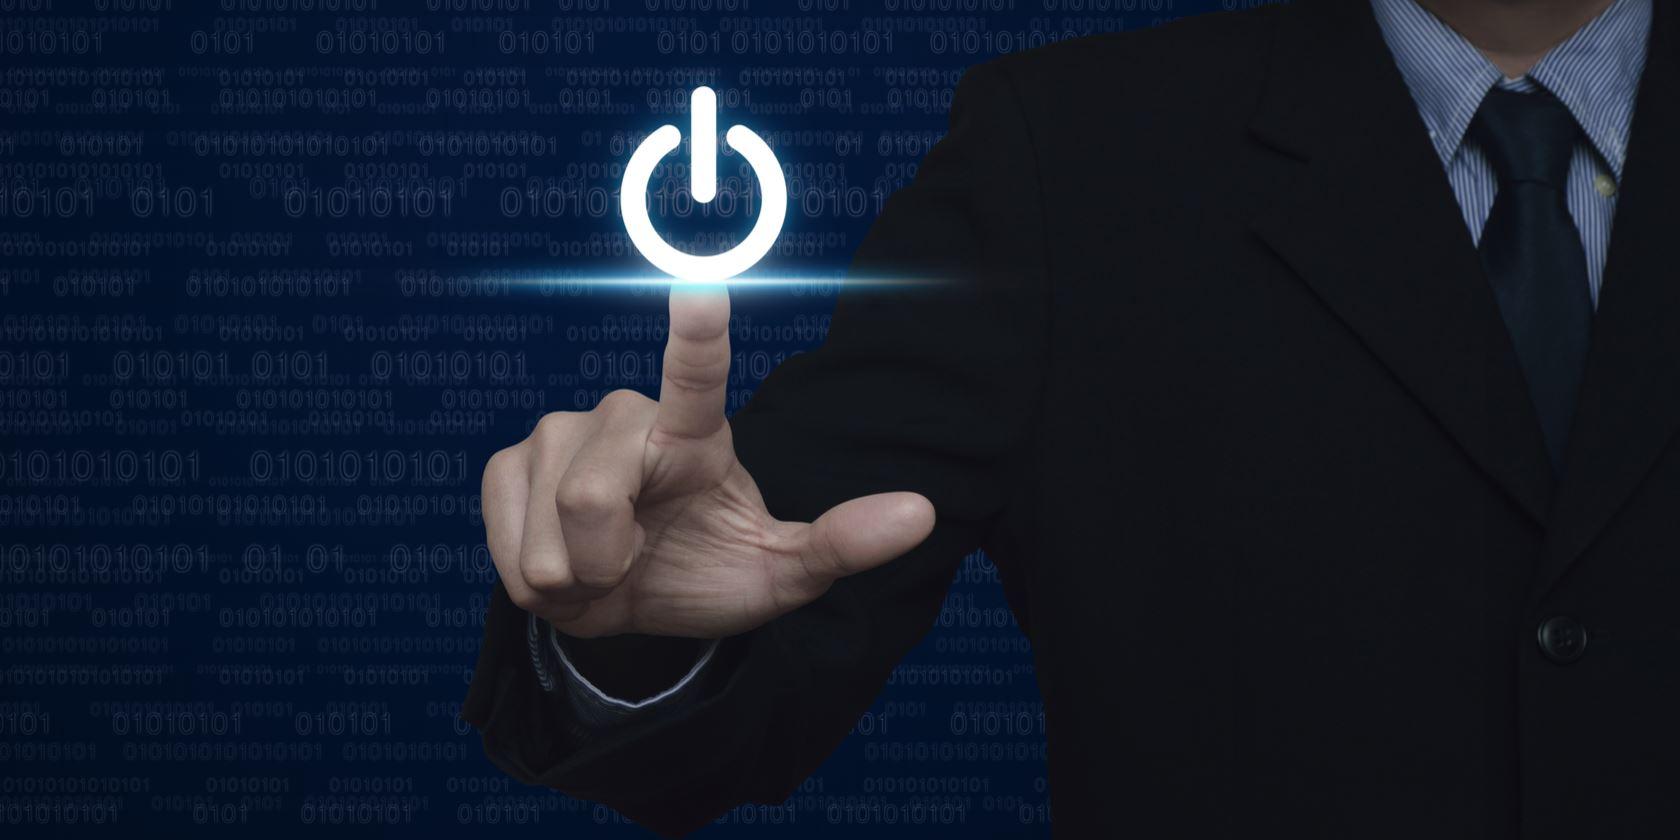 خاموش کردن صفحه نمایش با فشردن دکمه پاور در ویندوز ۱۰